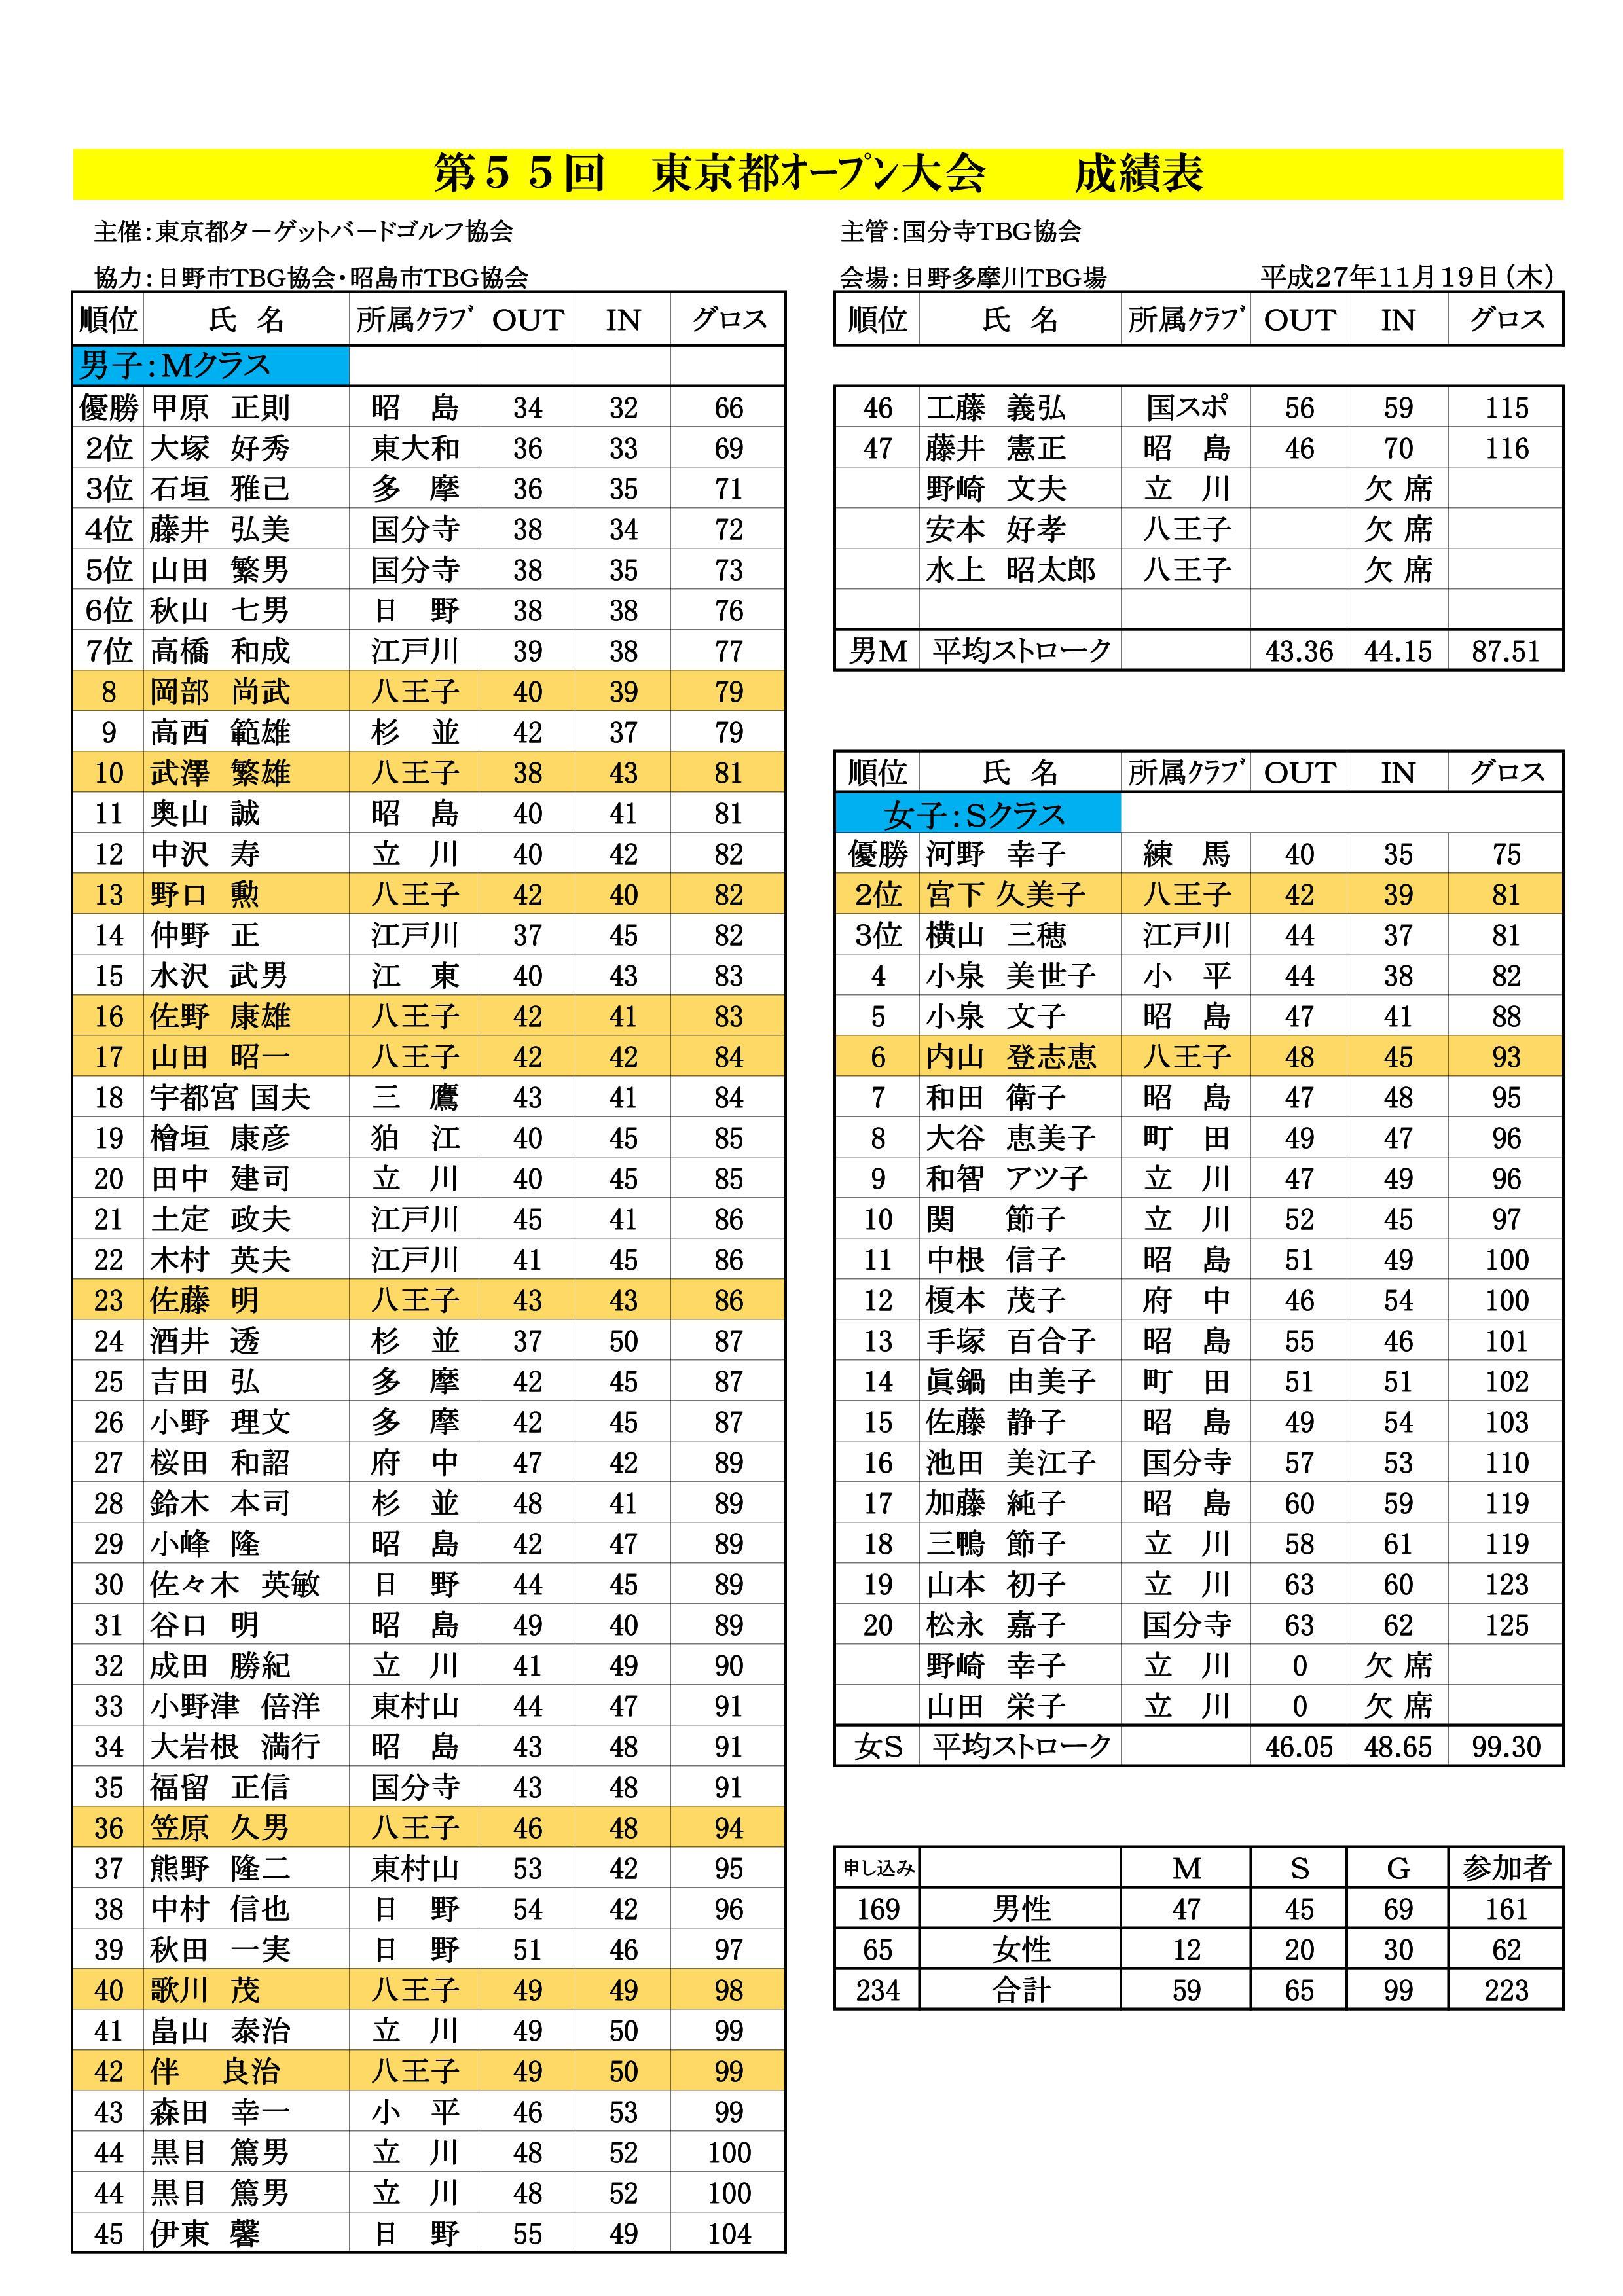 第55回東京都オープン大会・個人戦成績表('27.11.19.日野多摩川グランド)-002